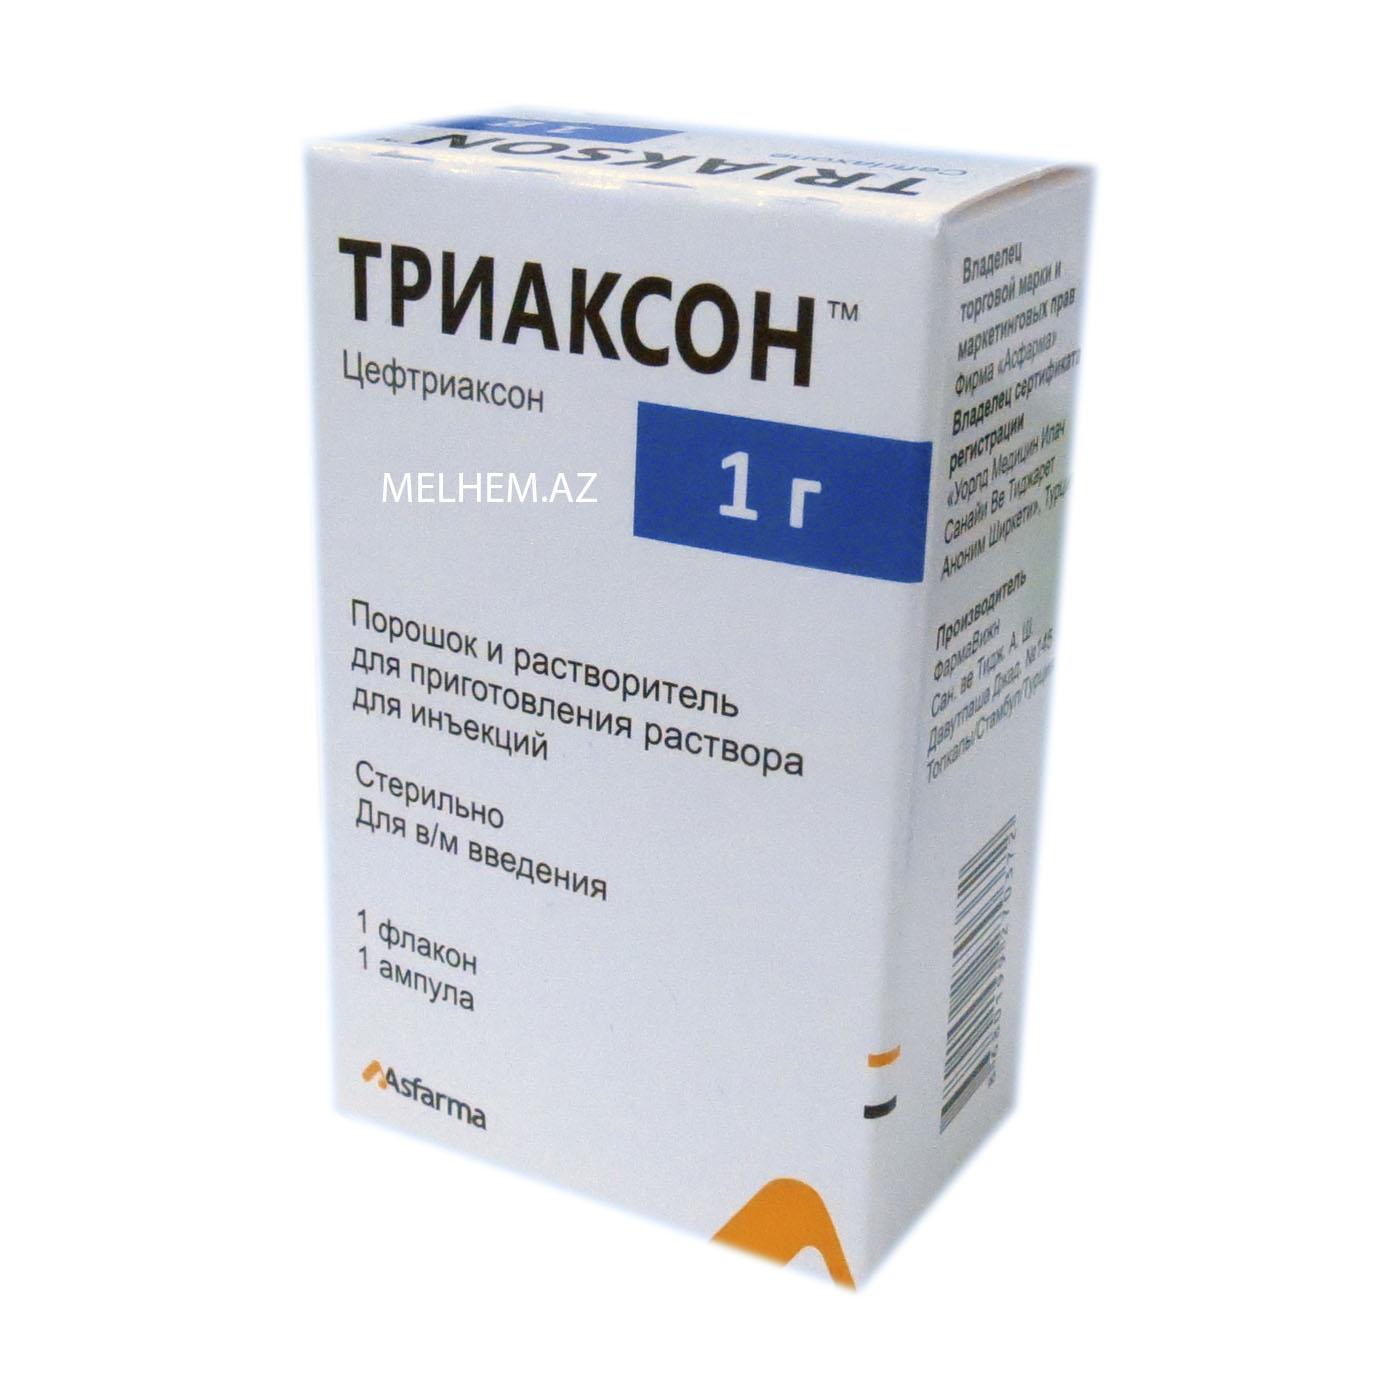 TRIAKSON 1 G